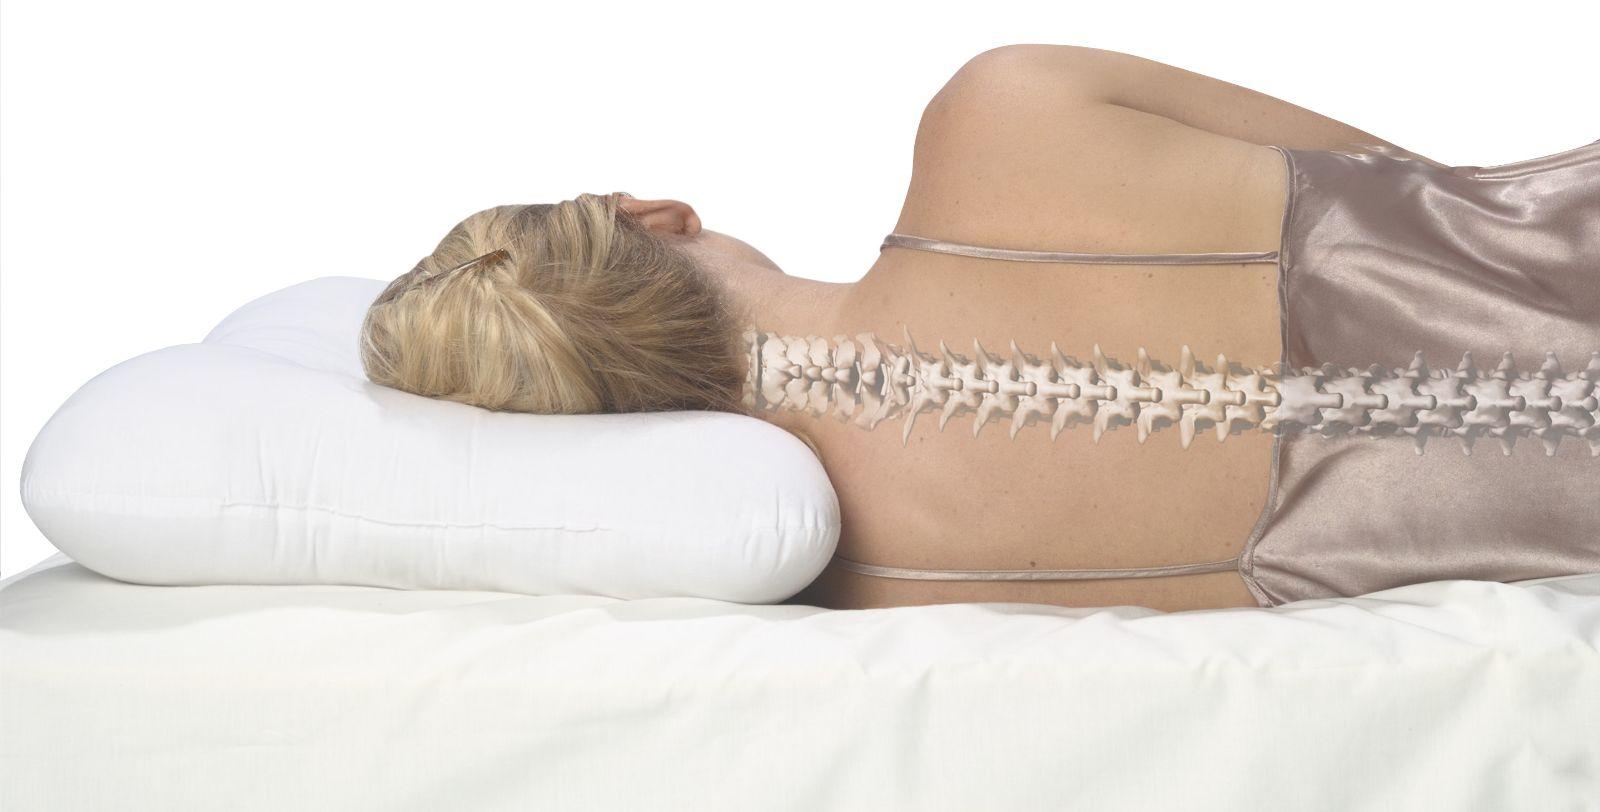 OrthoFiber 20 Neck Support Pillow